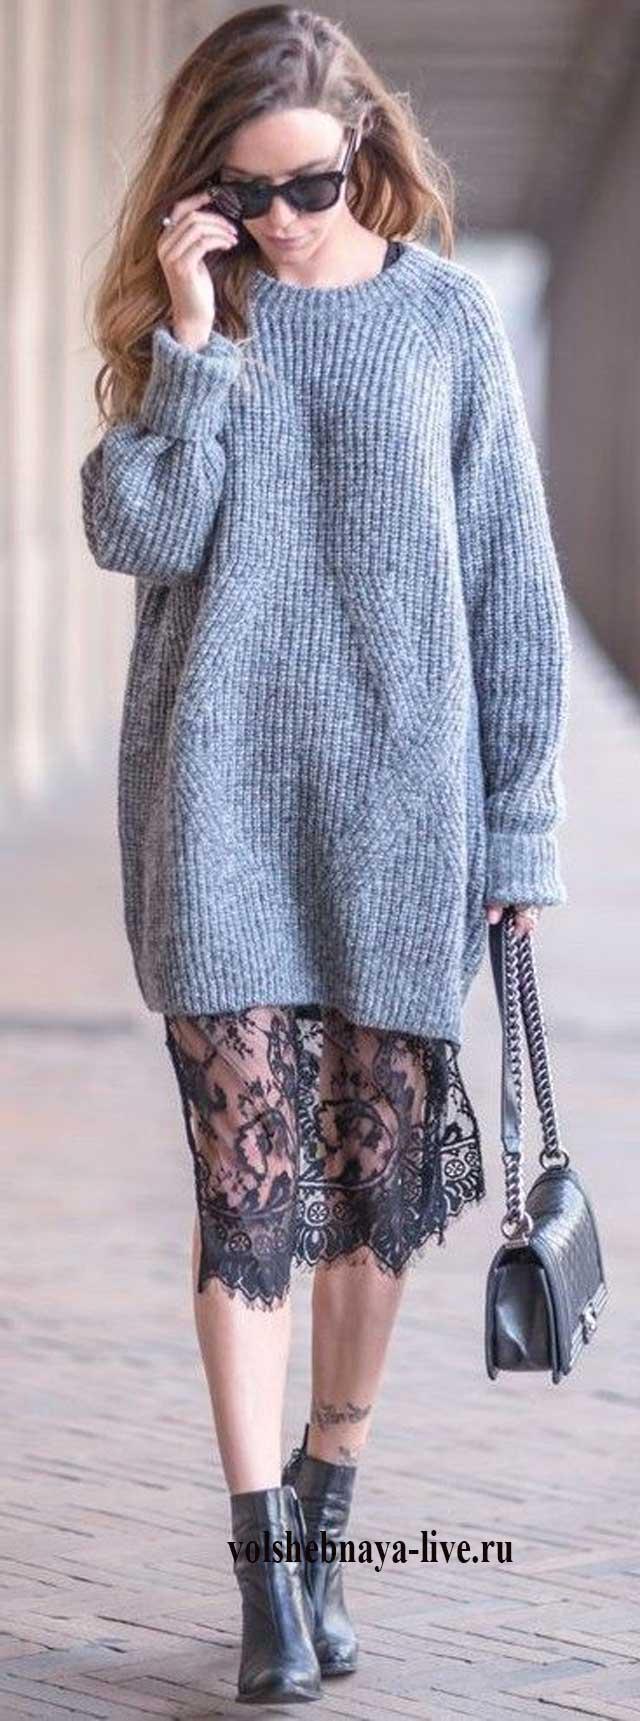 Свитер платье с кружевом по низу